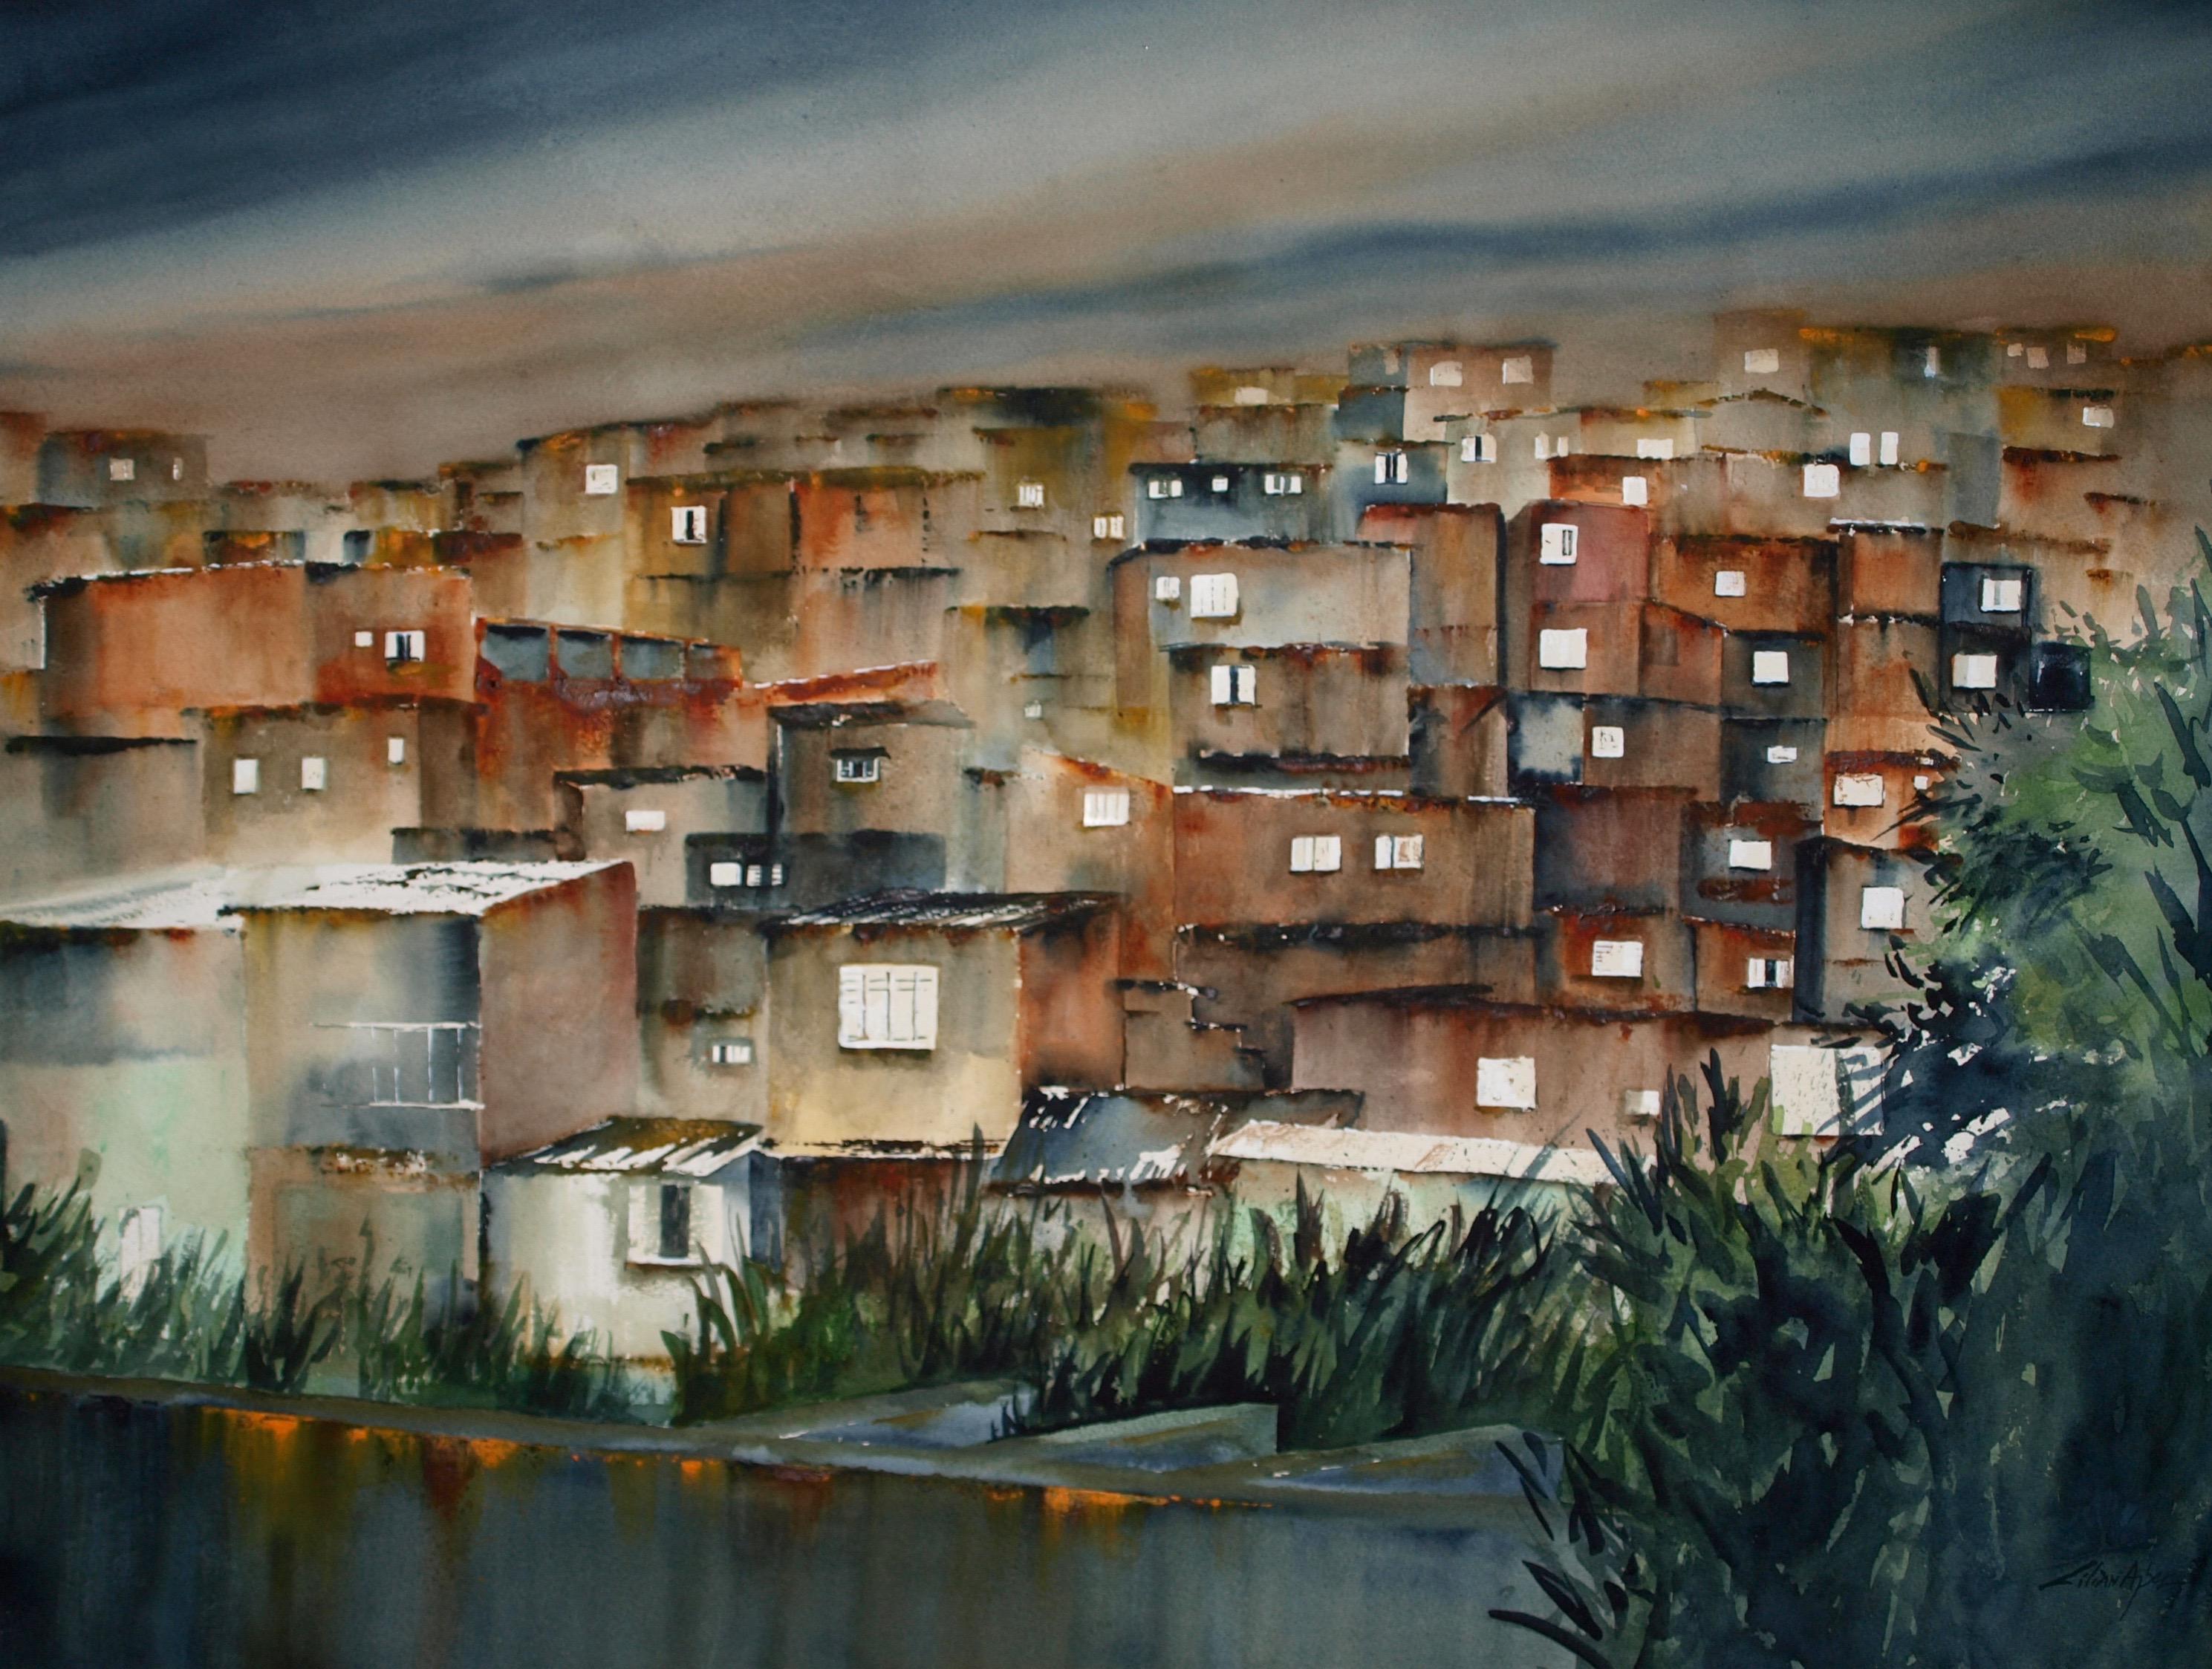 São Paulo 710203